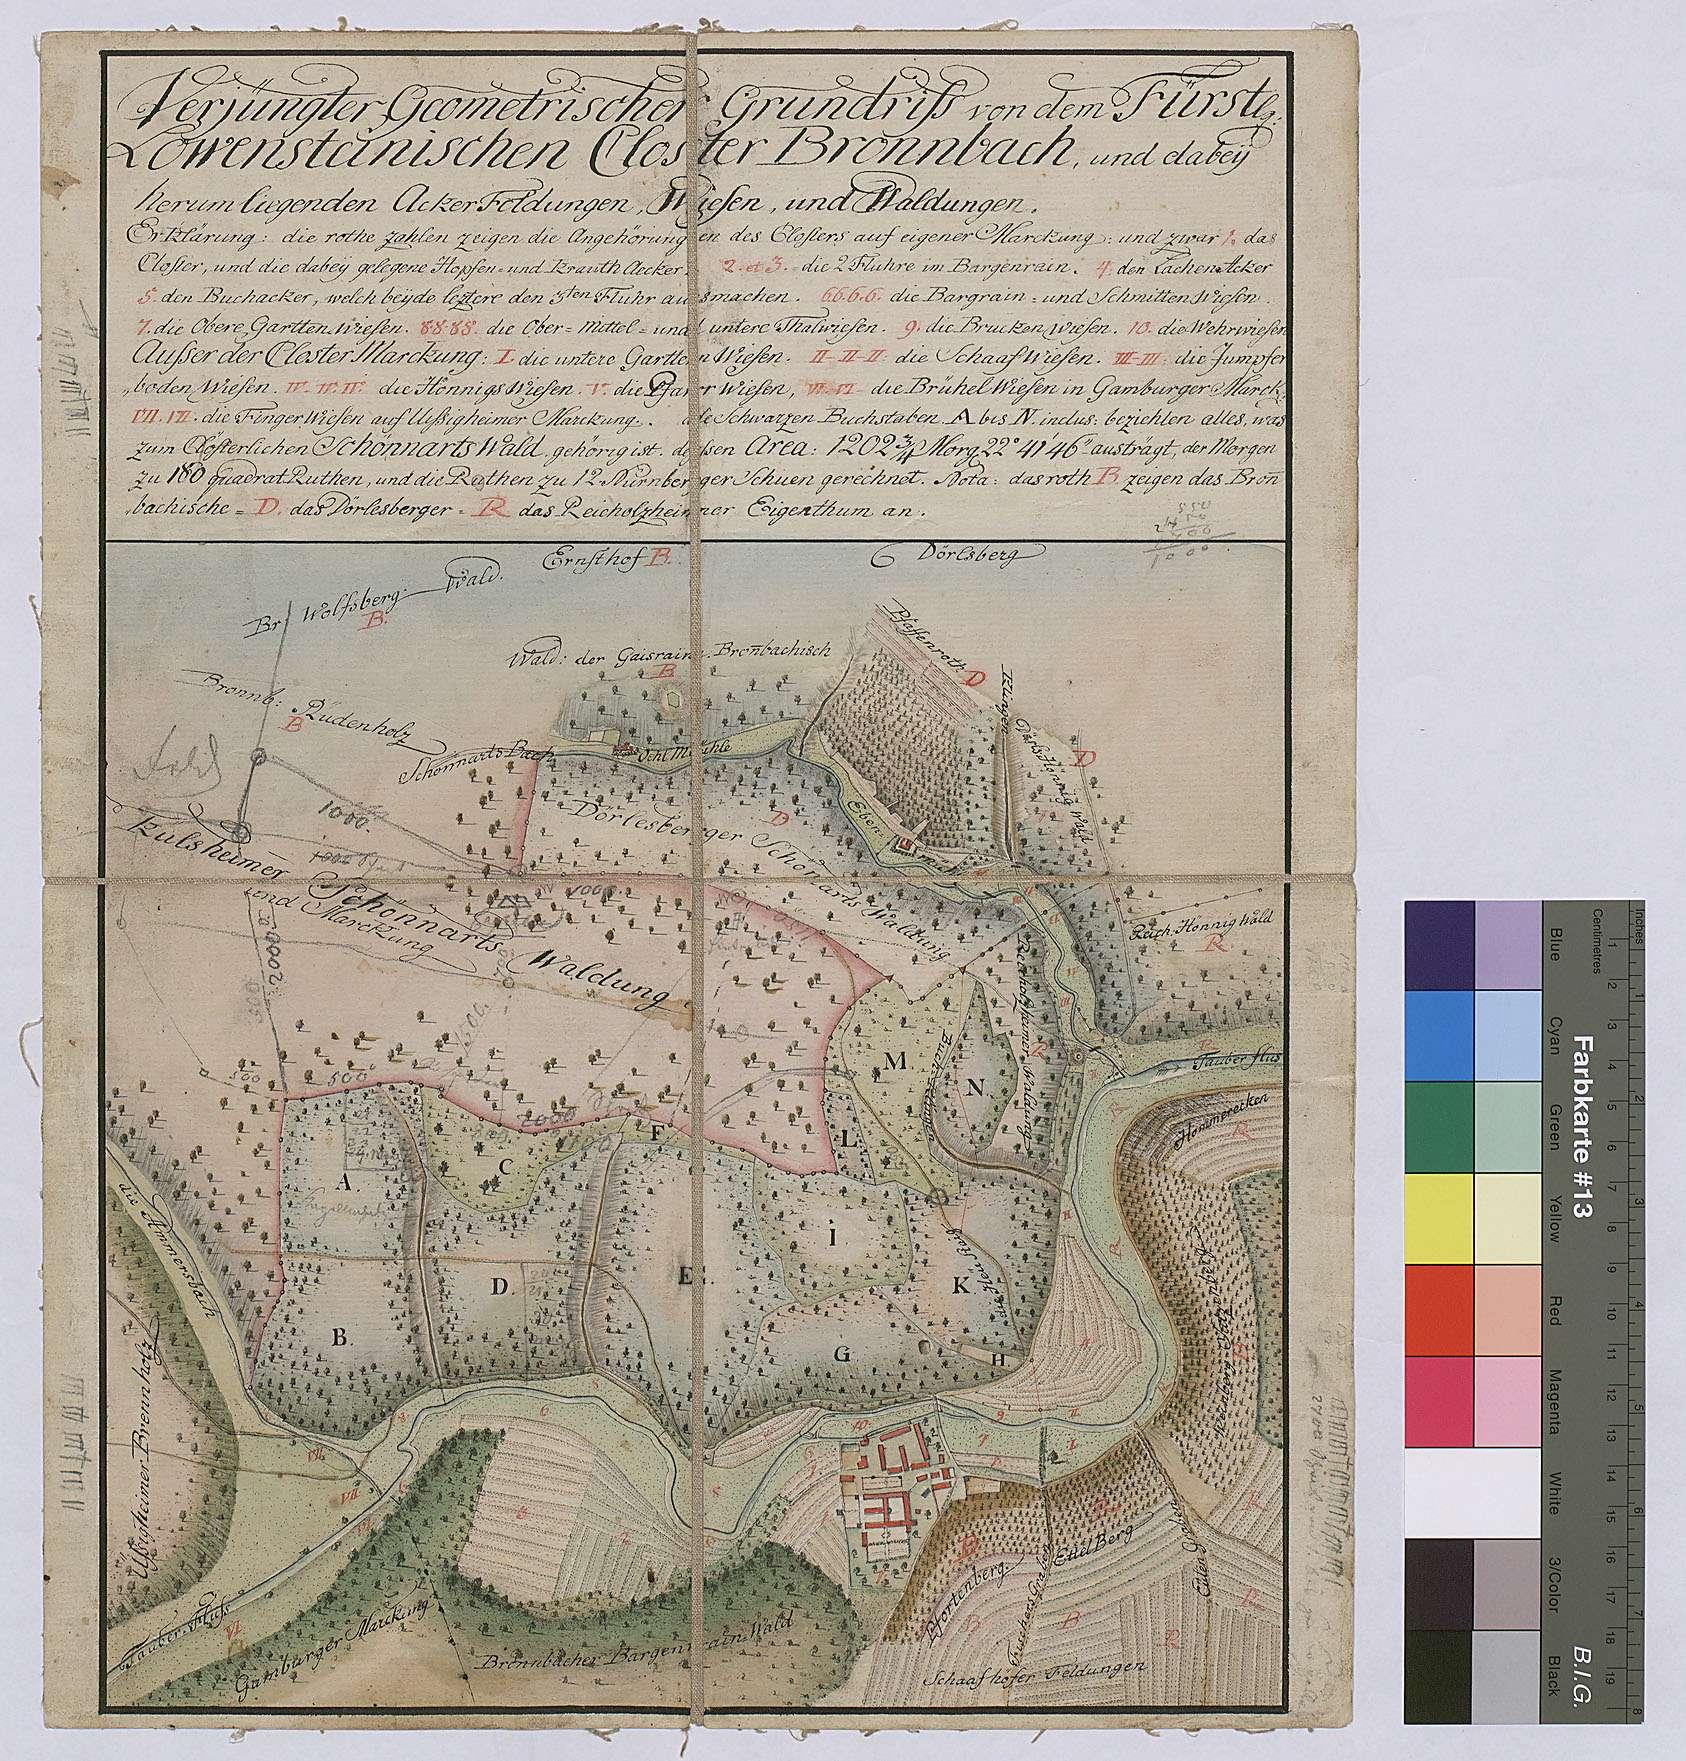 Verjüngter geometrischer Grundriss von dem Kloster Bronnbach und dabei herumliegenden Ackerfeldungen, Wiesen und Waldungen (Inselkarte), Bild 1